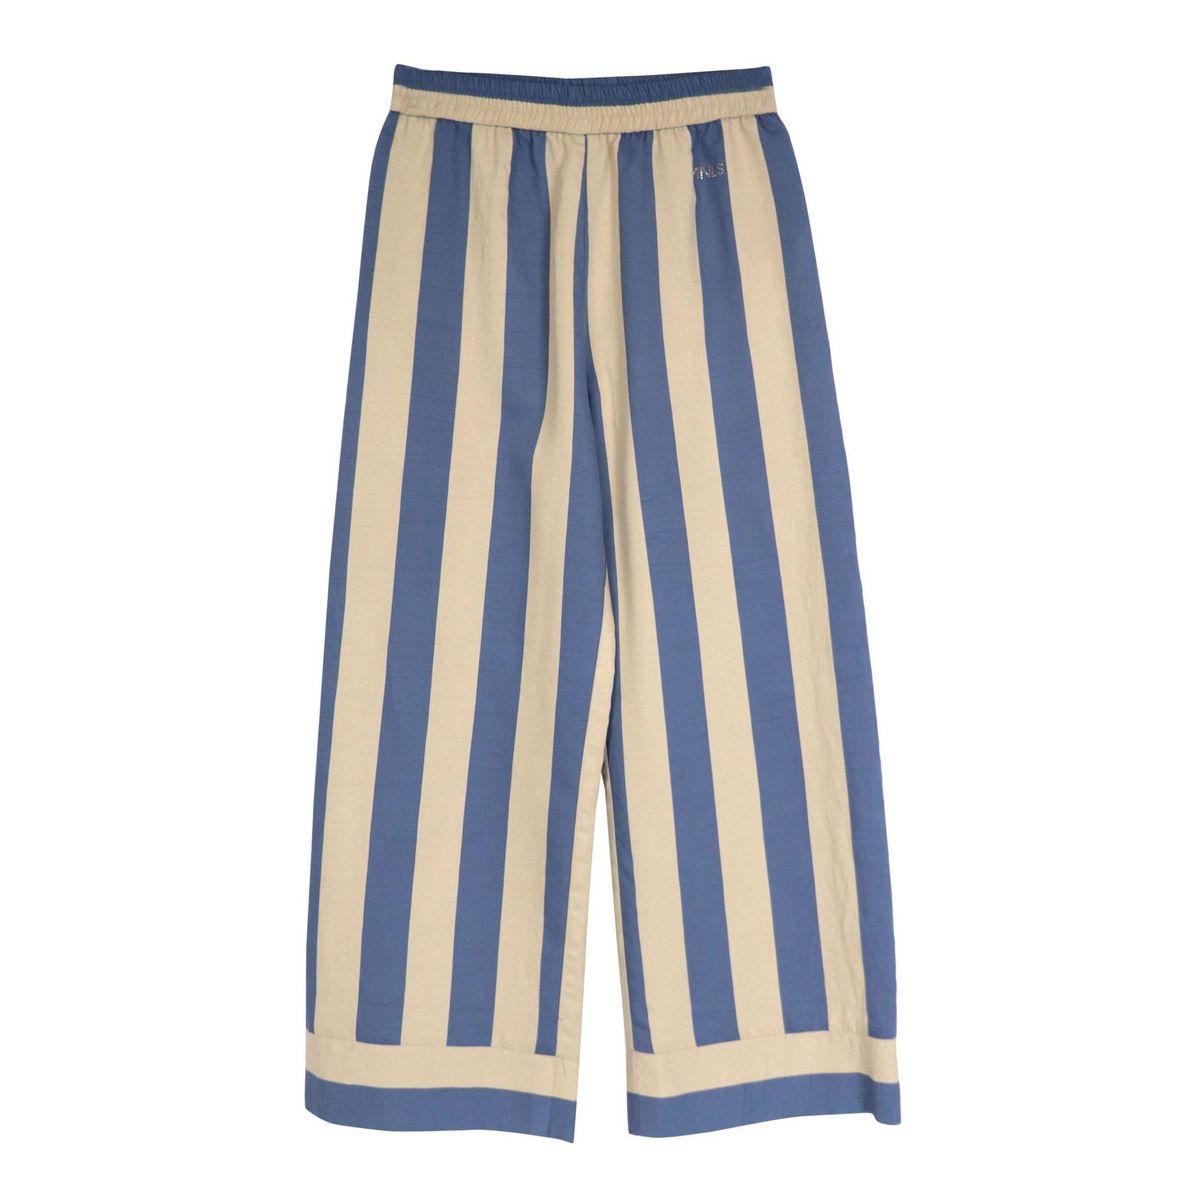 Striped Ibiza viscose pantapalazzo Beige / blue Monnalisa